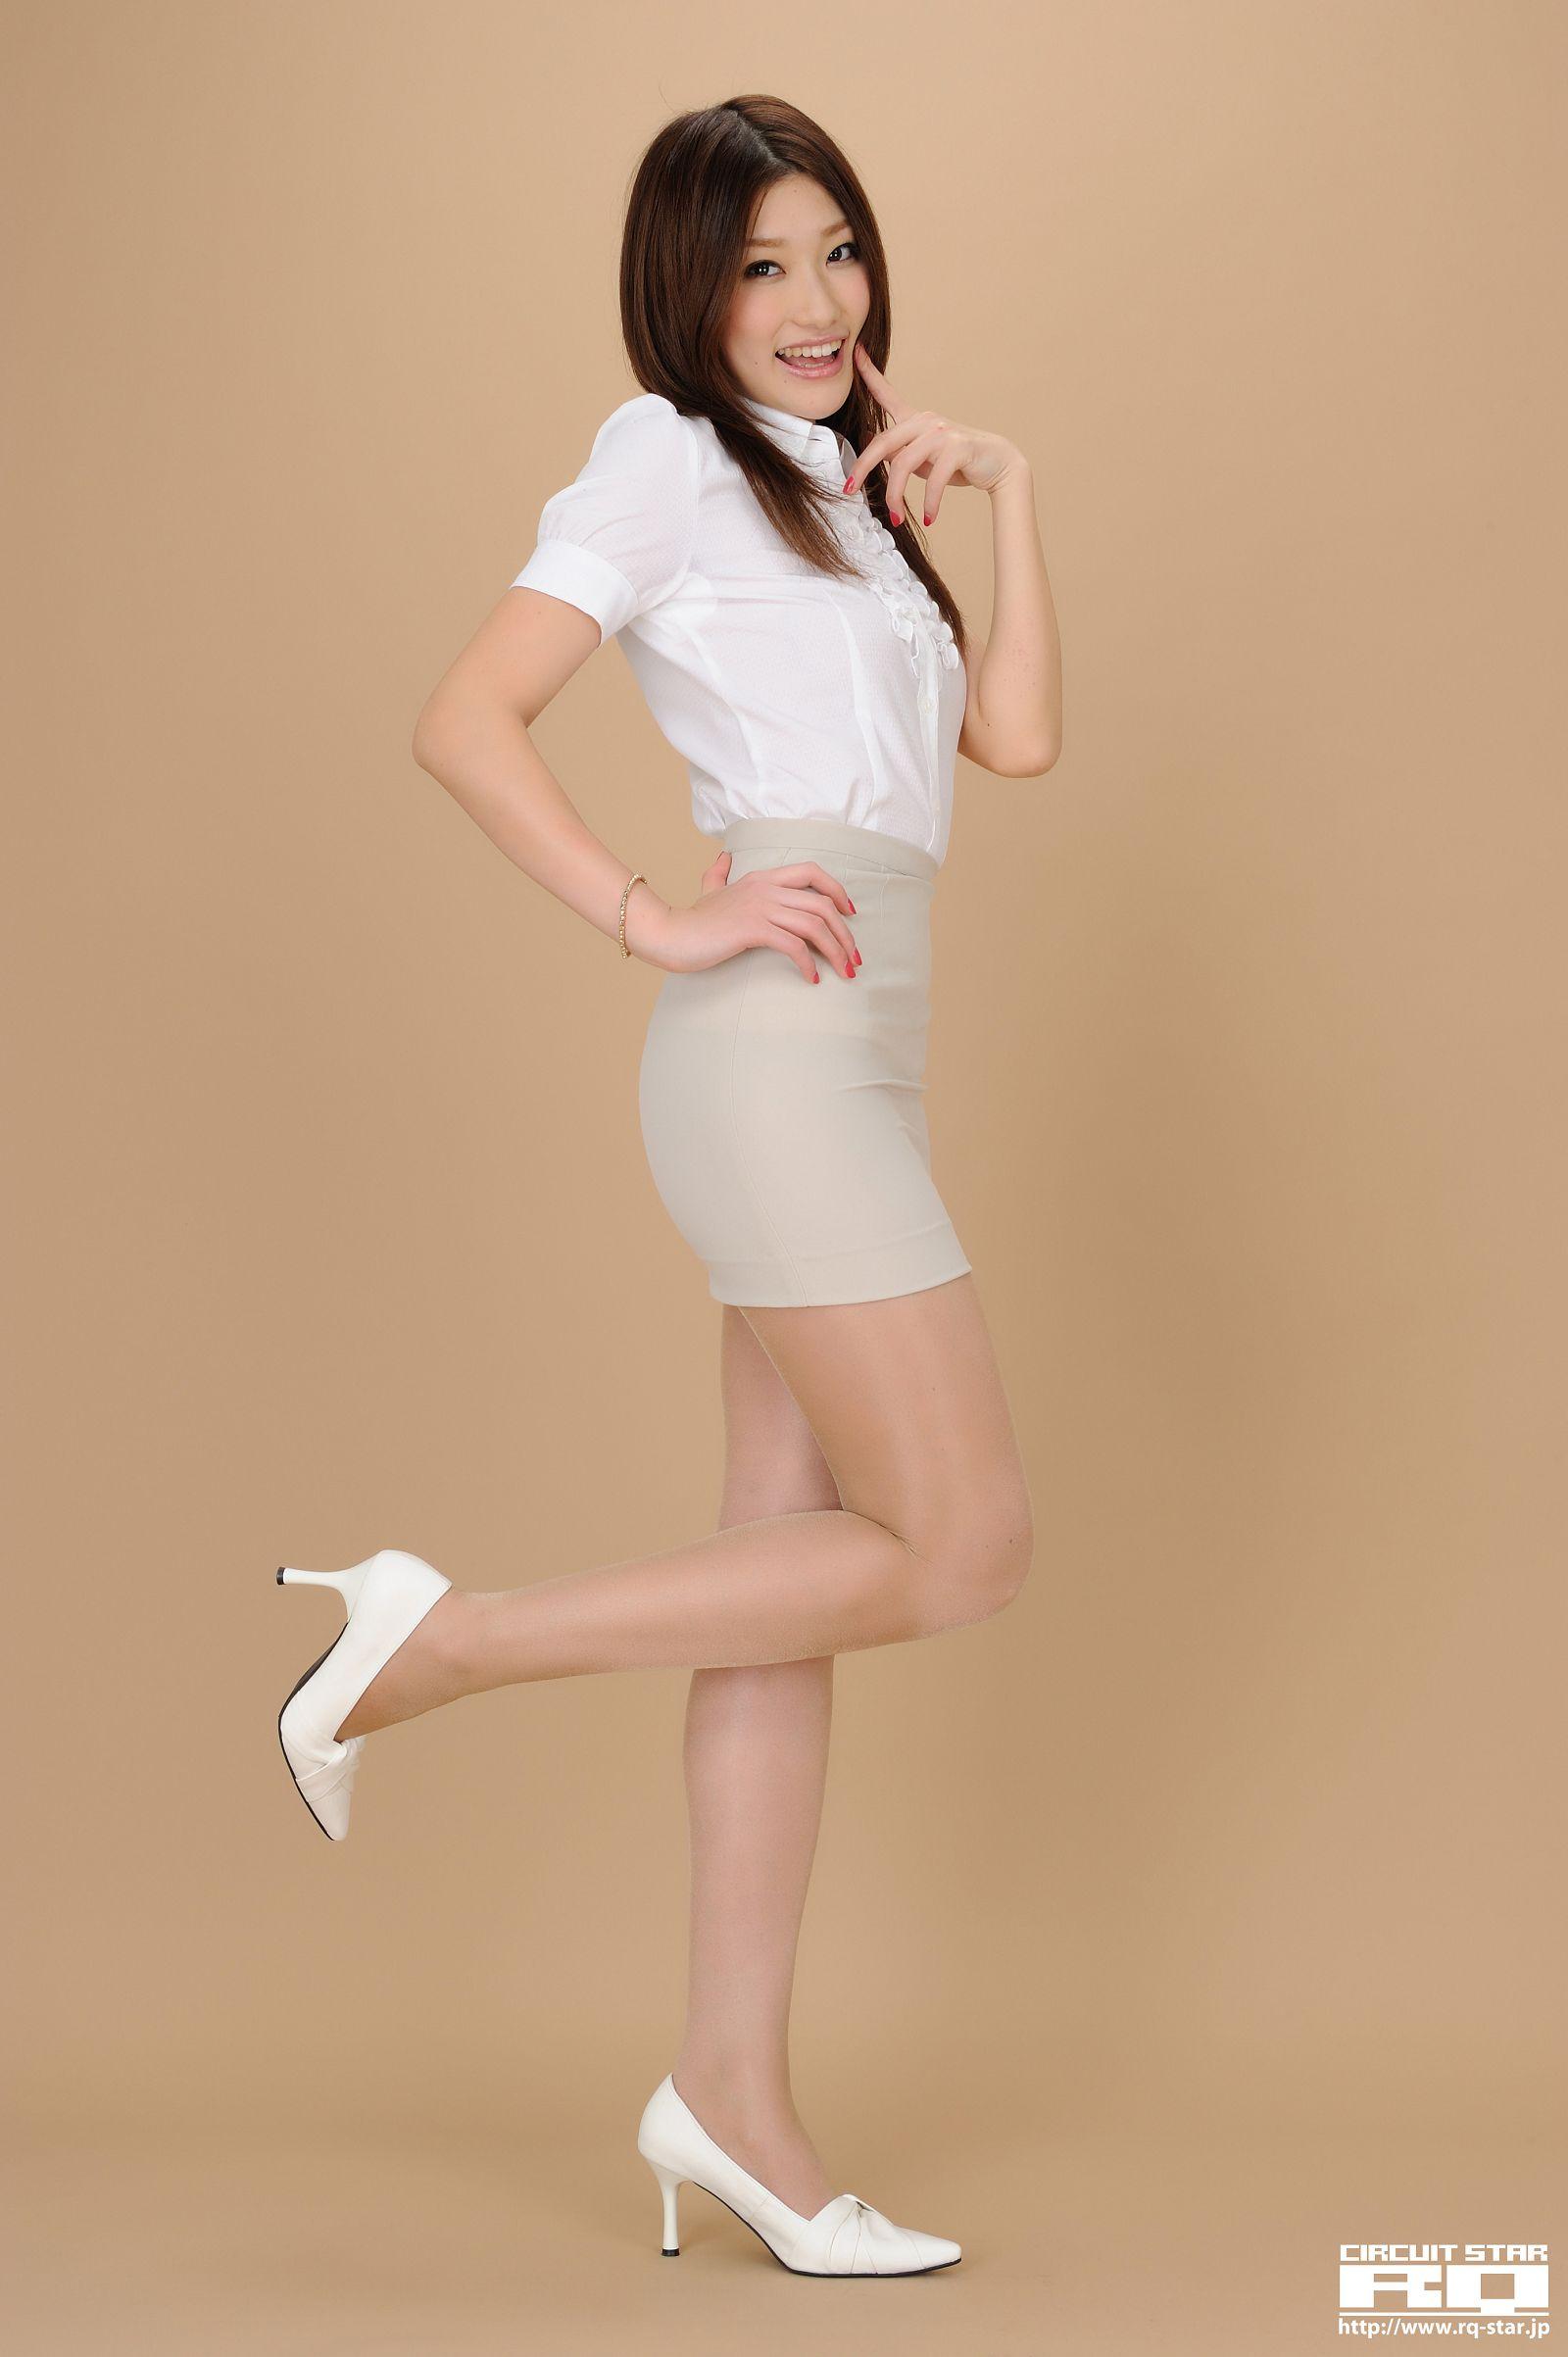 [RQ STAR美女] NO.00459 Shinobu Ishinabe 石鍋しのぶ Office Lady[124P] RQ STAR 第2张